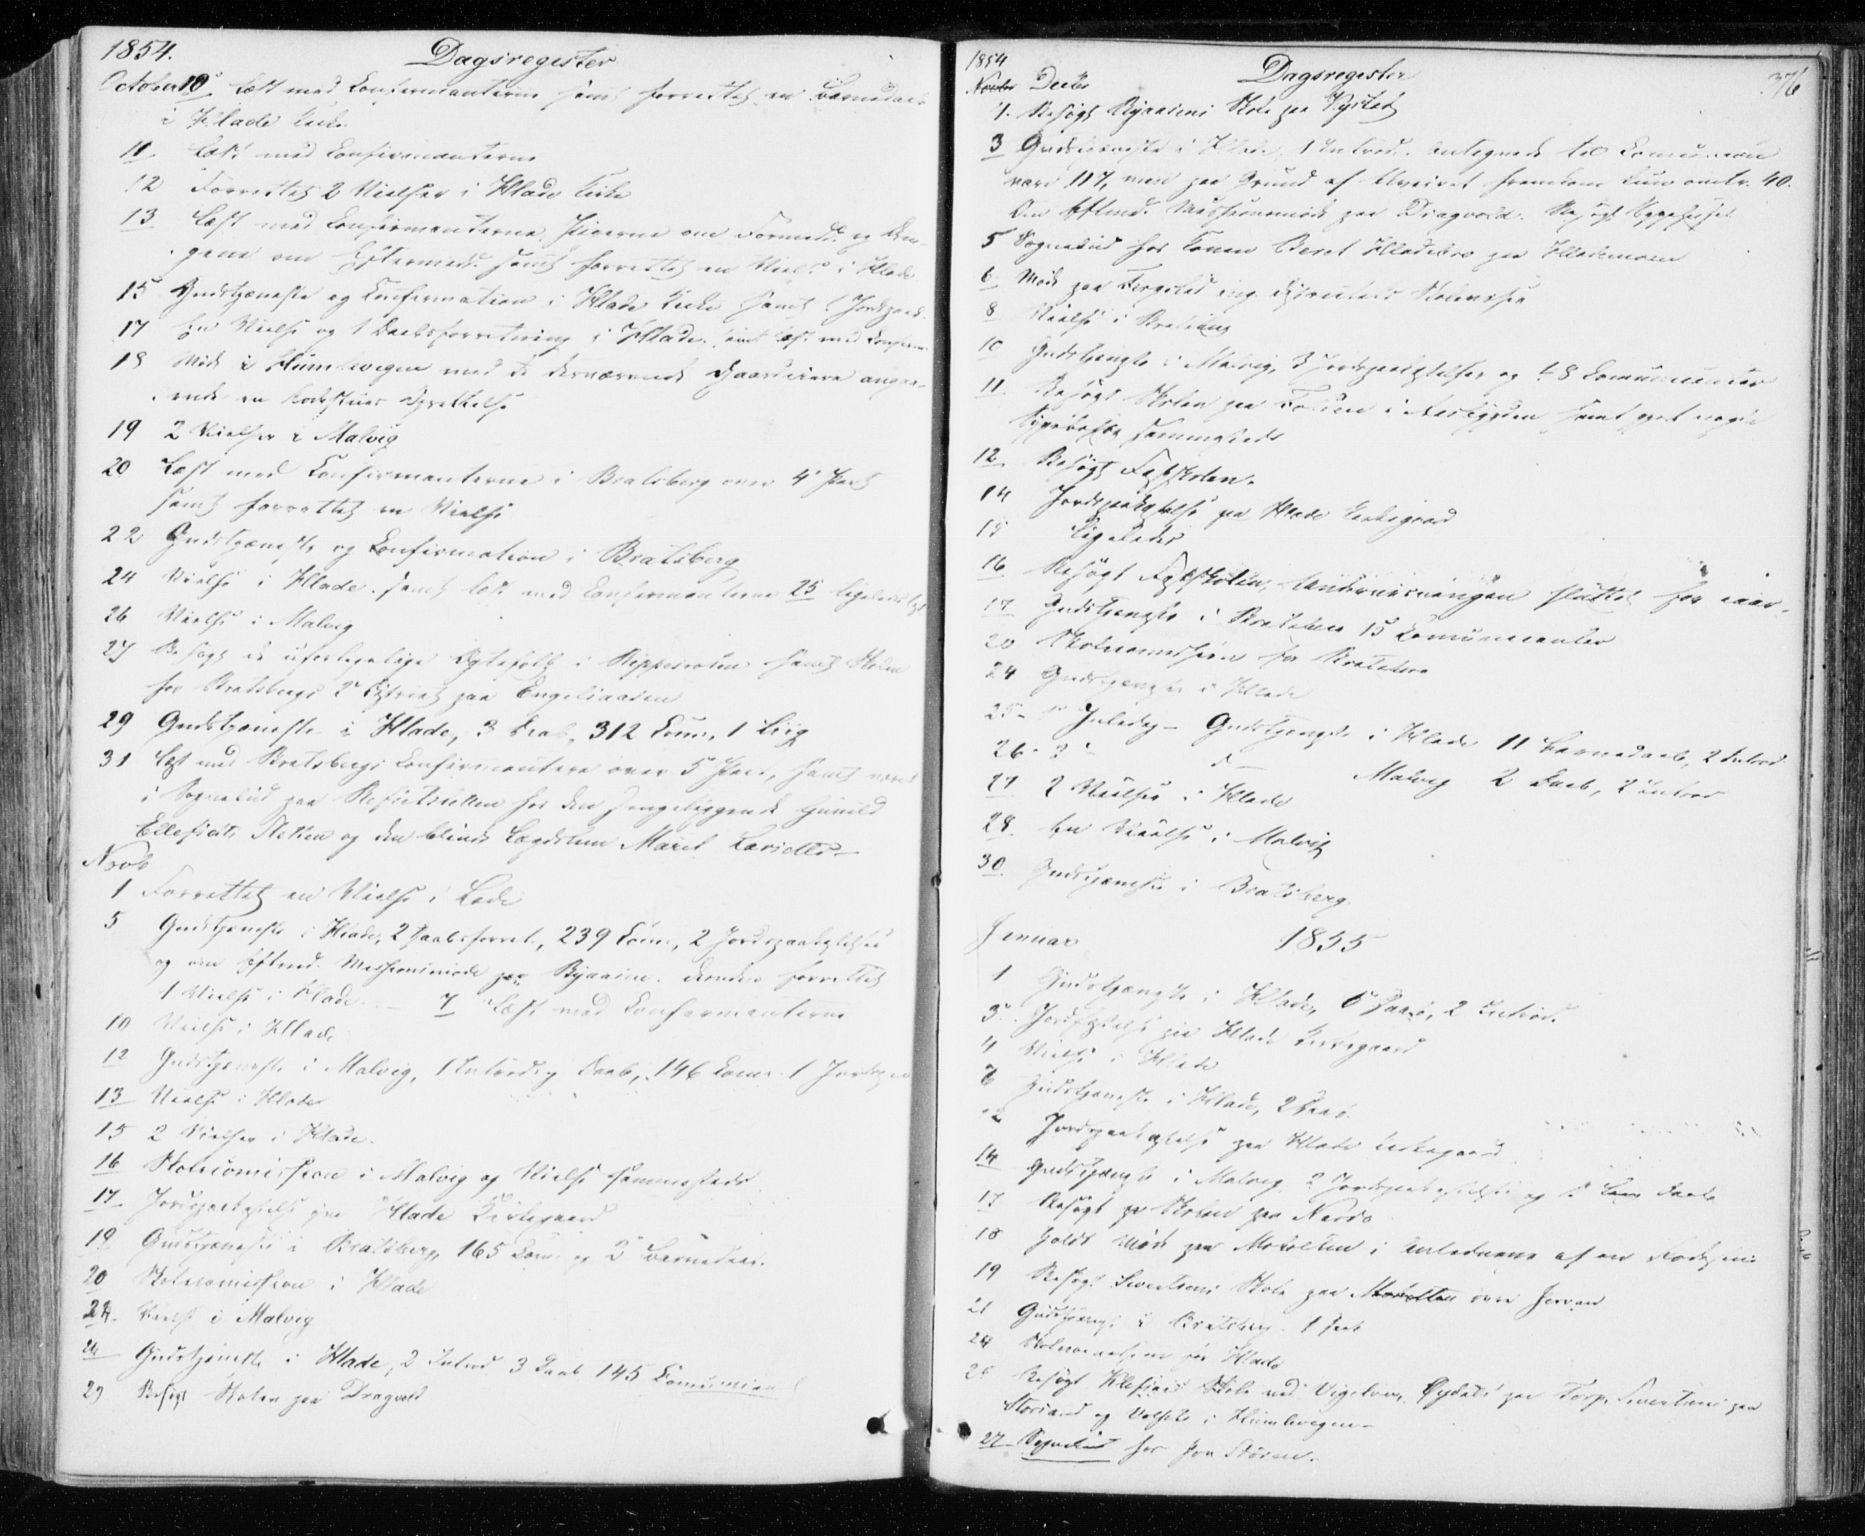 SAT, Ministerialprotokoller, klokkerbøker og fødselsregistre - Sør-Trøndelag, 606/L0291: Ministerialbok nr. 606A06, 1848-1856, s. 376